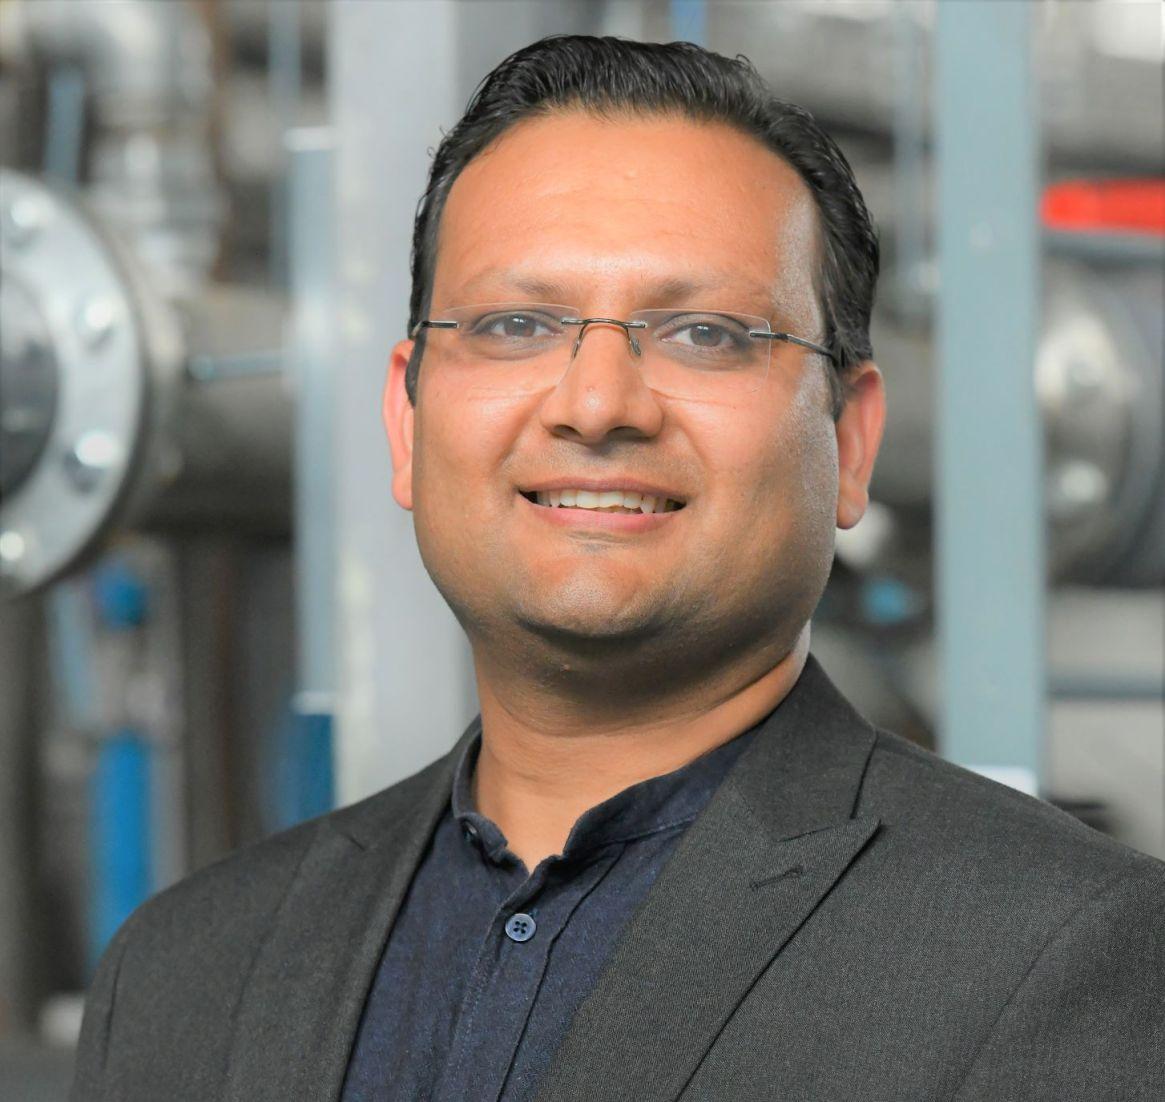 Prafull Sharma